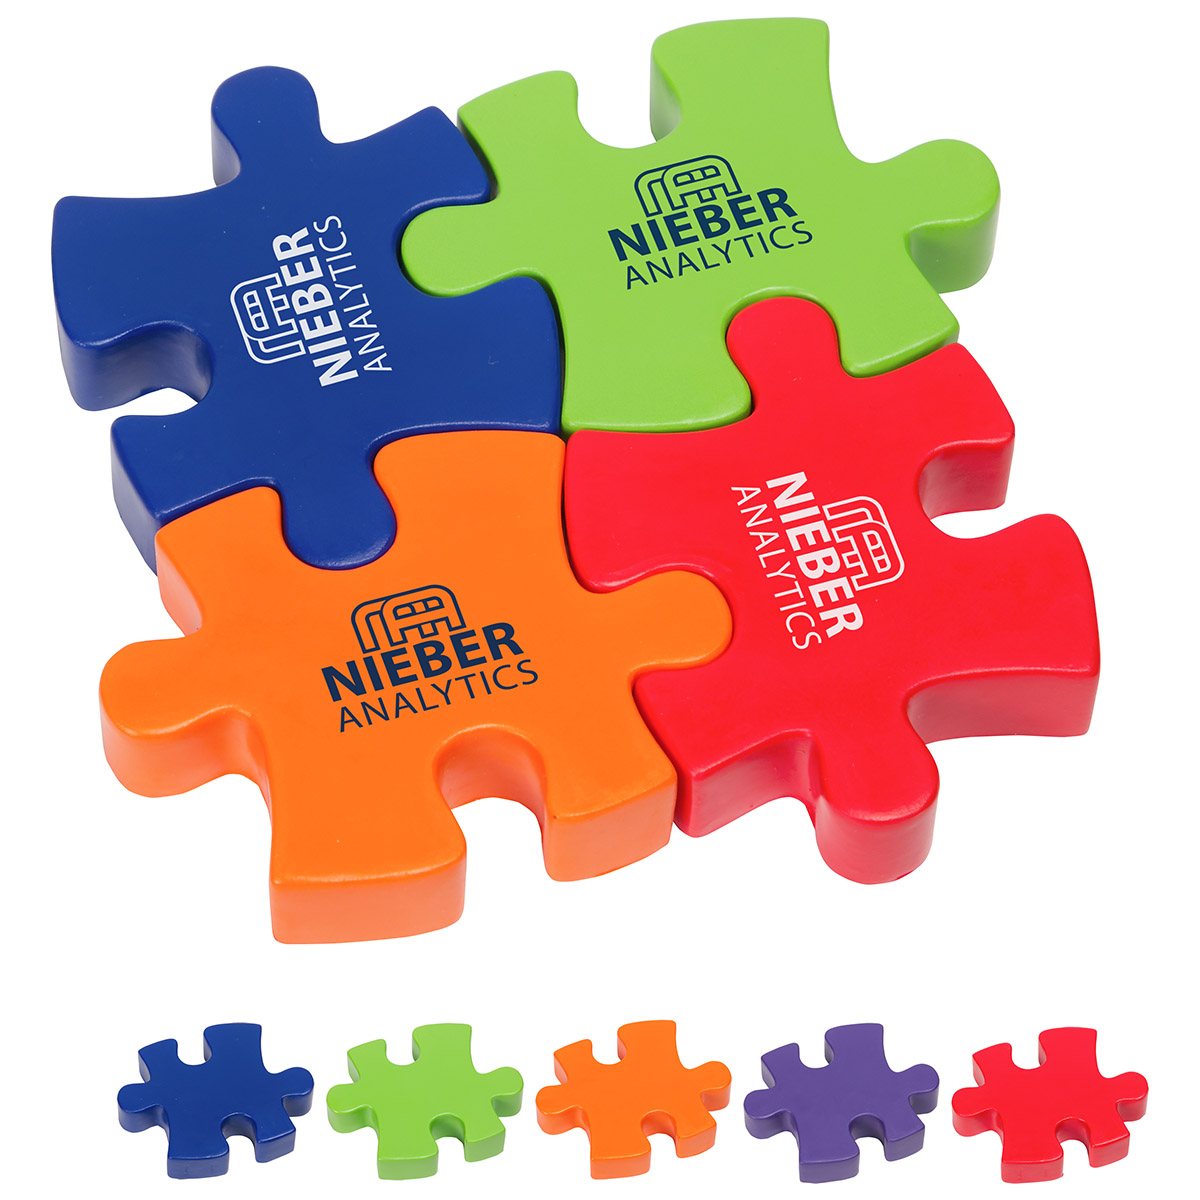 4-Piece Connecting Puzzle Set, LGS-4P17 - 1 Colour Imprint